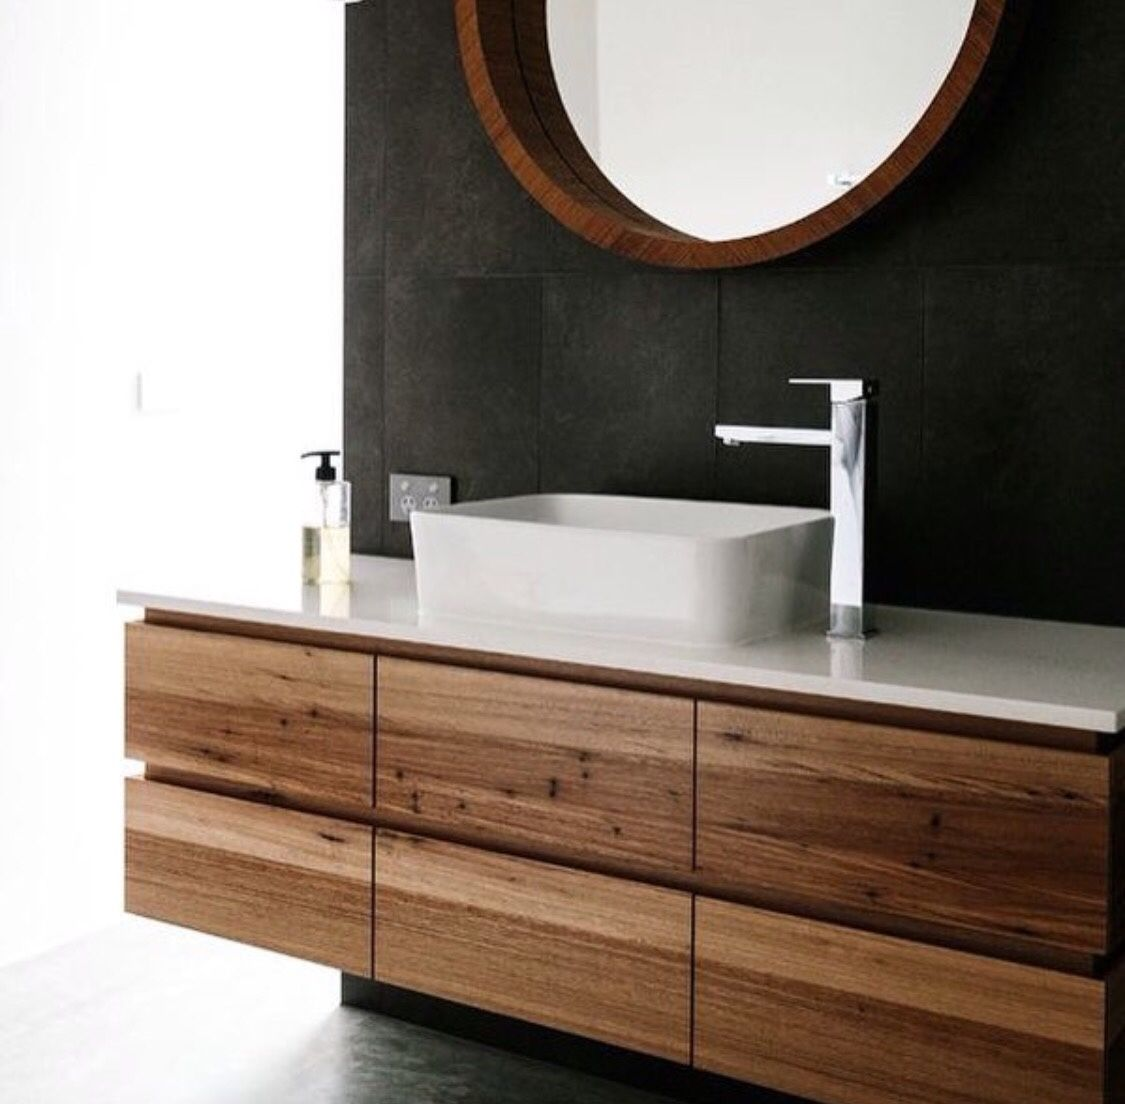 Pin de Nicole Maduros en Bathroom ideas | Pinterest | Baños